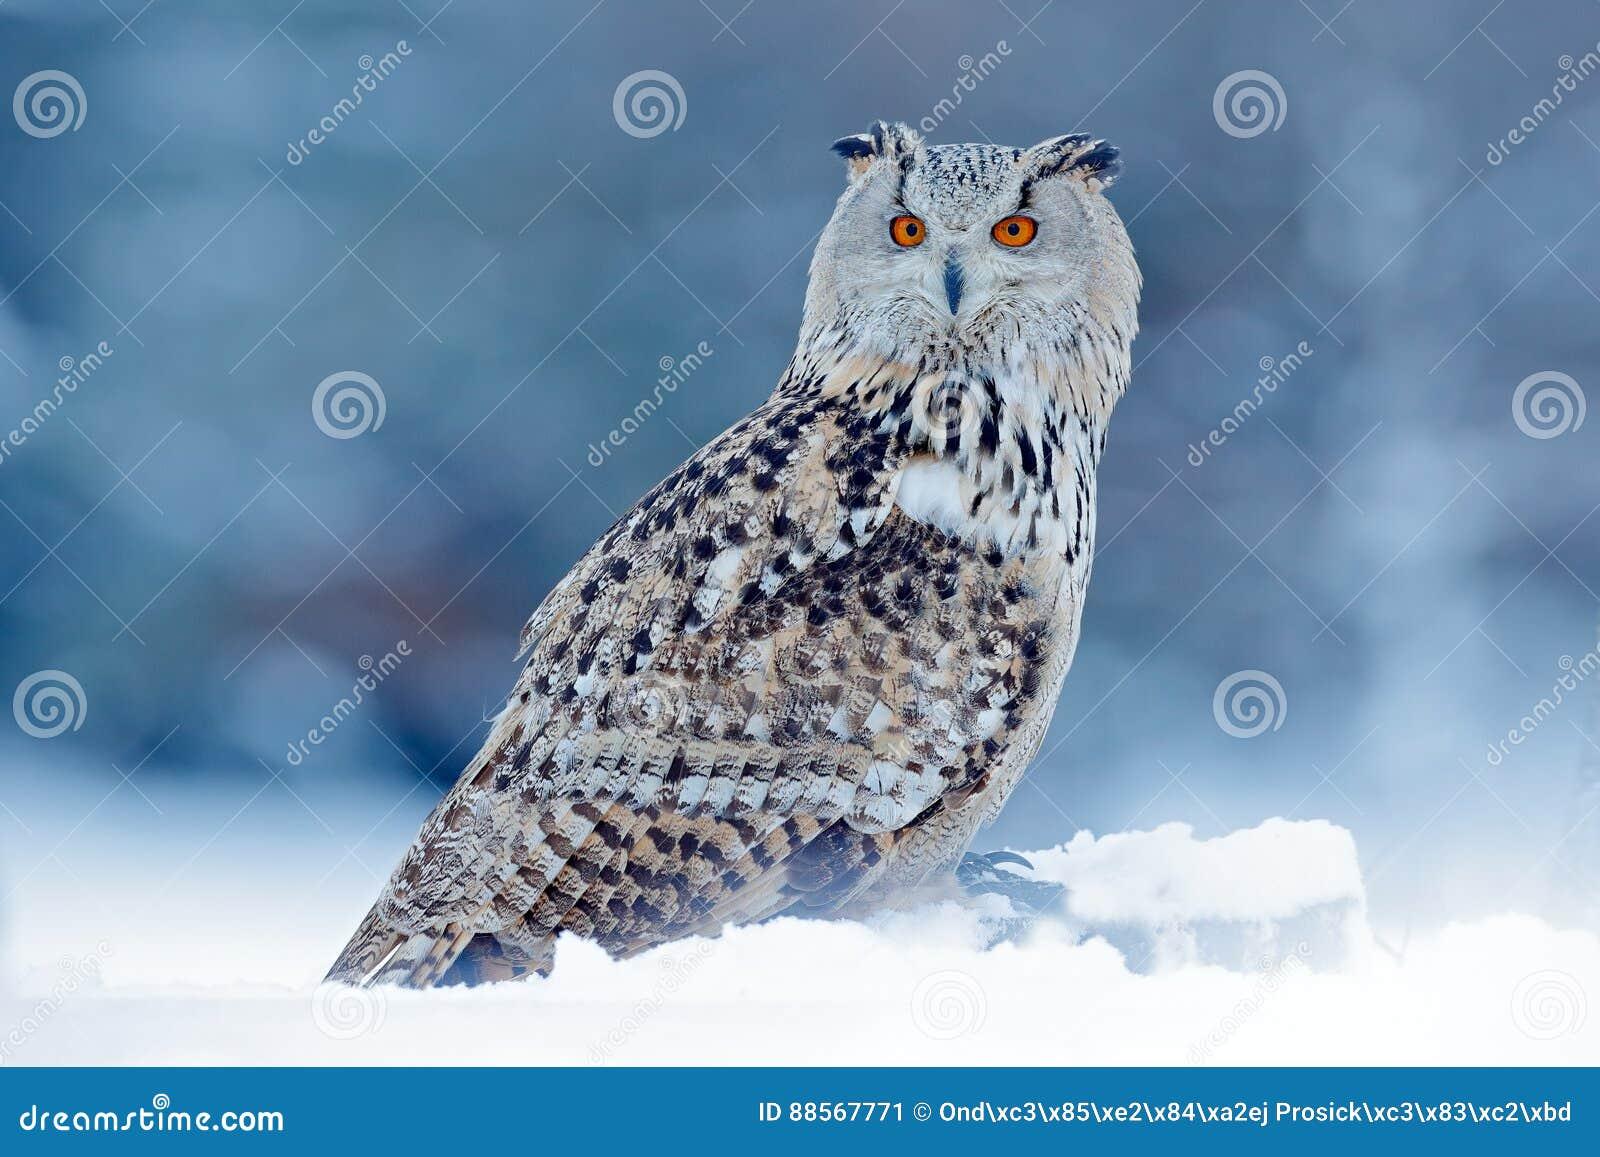 Холодная зима с редкой птицей Большой восточный сибирский сыч орла, sibiricus bubo Bubo, сидя на пригорке с снегом в березе леса